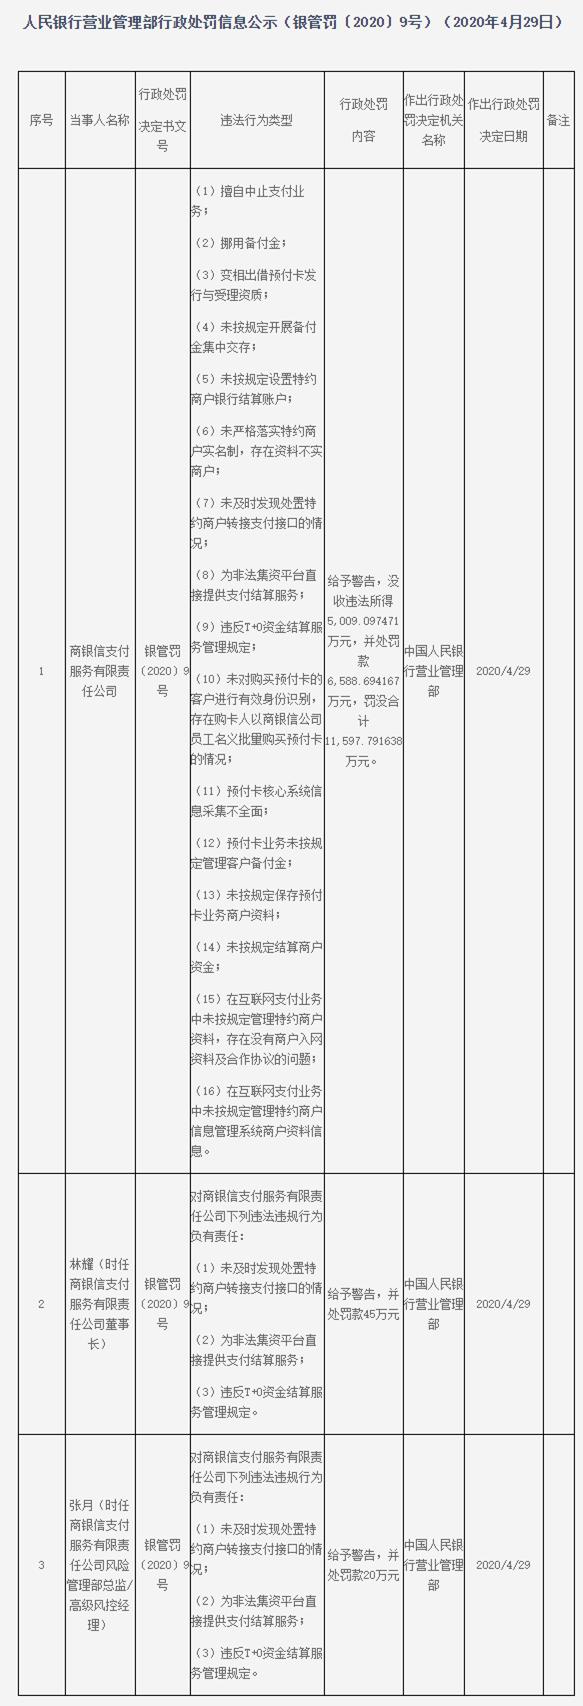 商银信支付16宗违法遭罚 收央行1.16亿元天价罚单